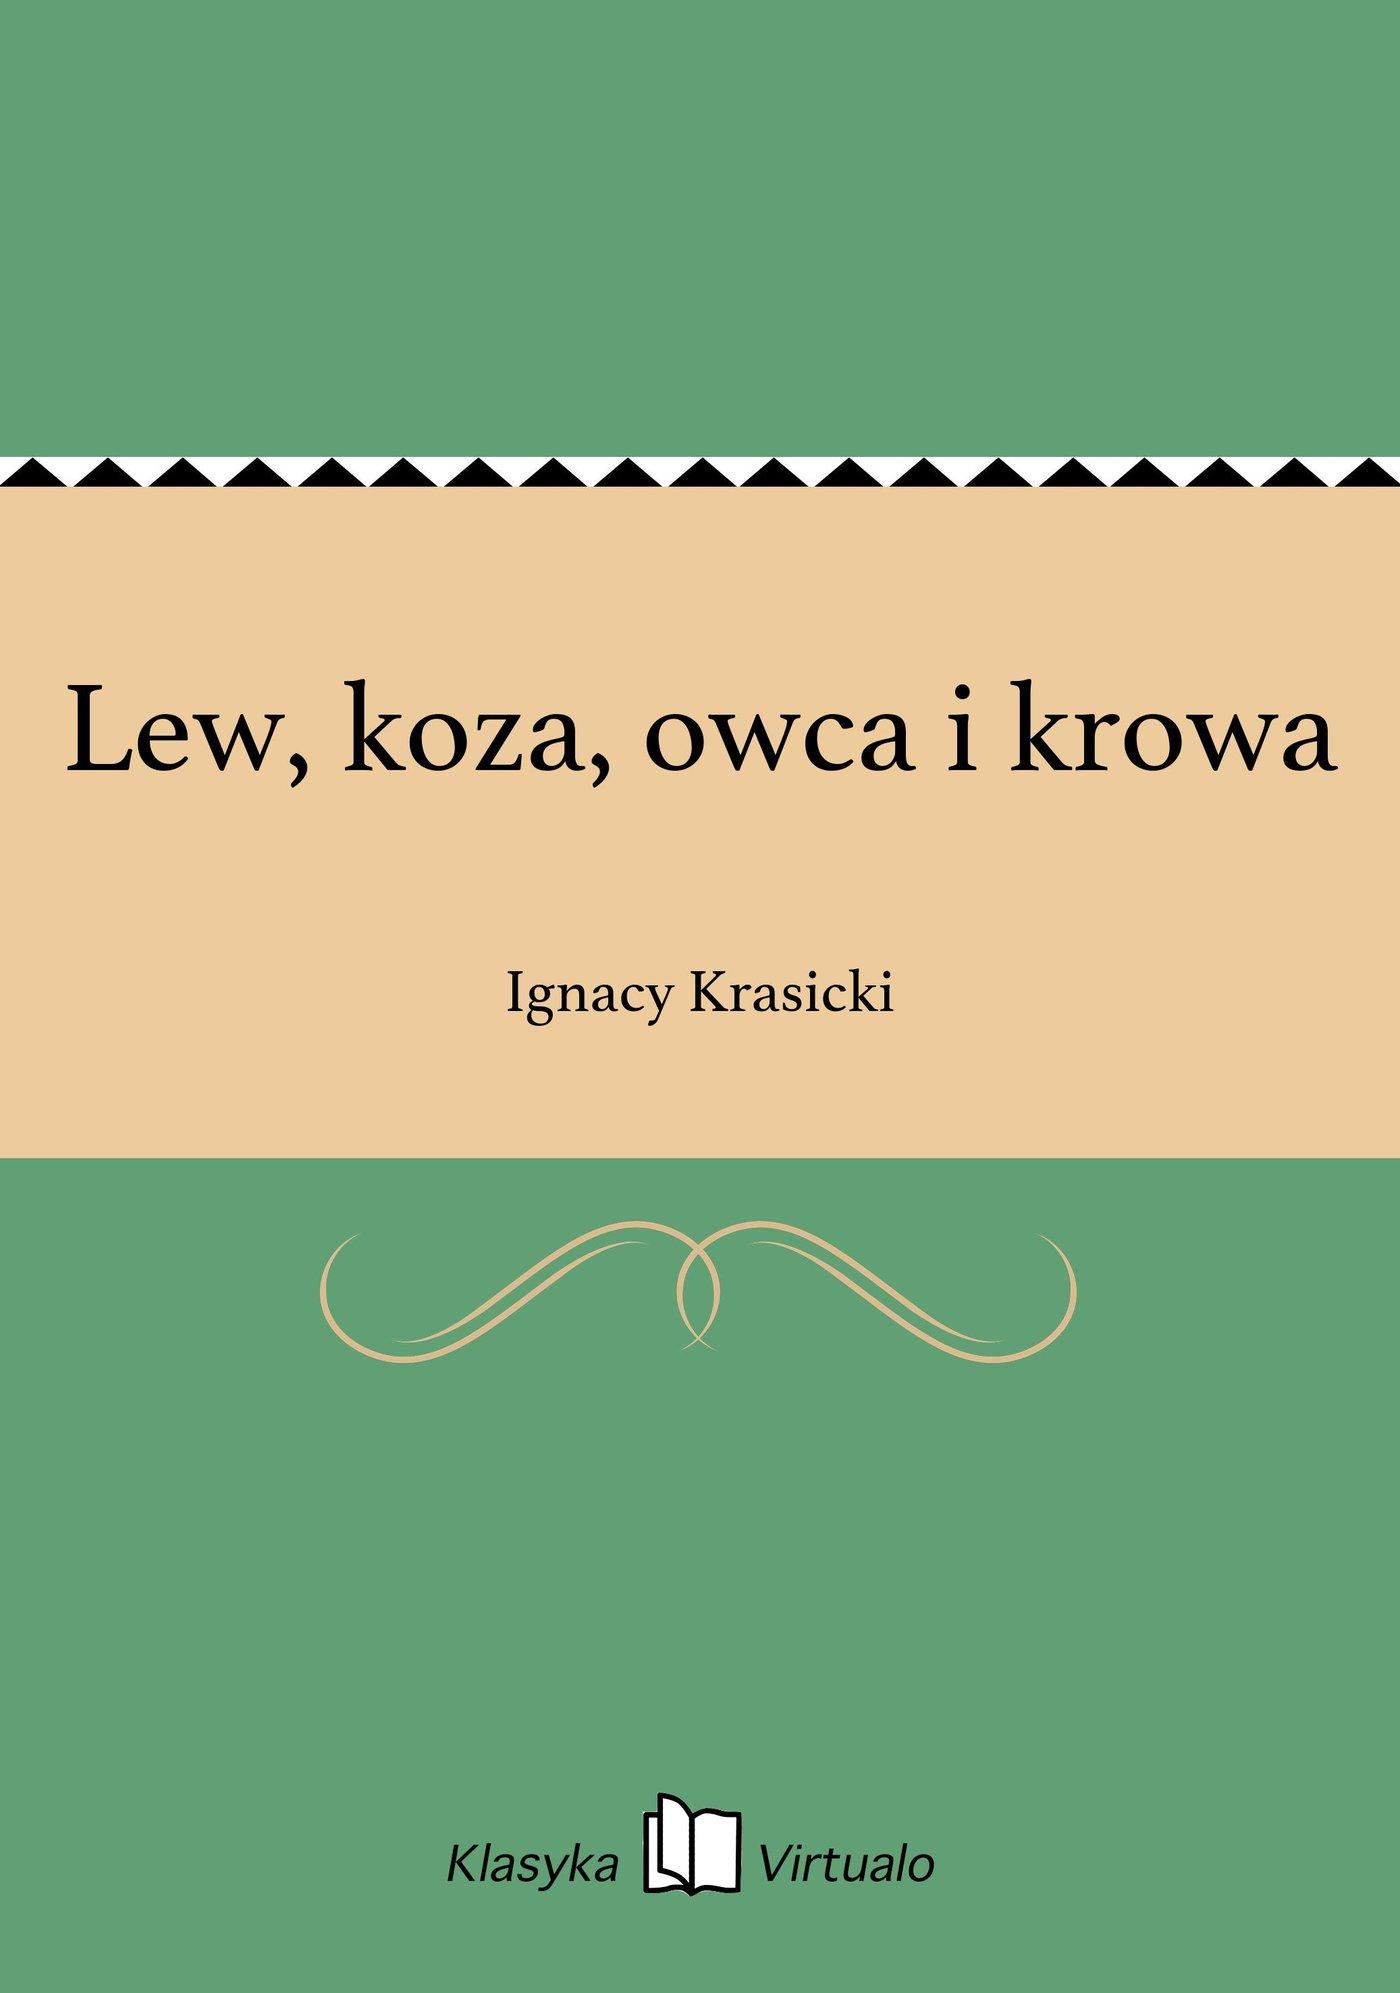 Lew, koza, owca i krowa - Ebook (Książka na Kindle) do pobrania w formacie MOBI